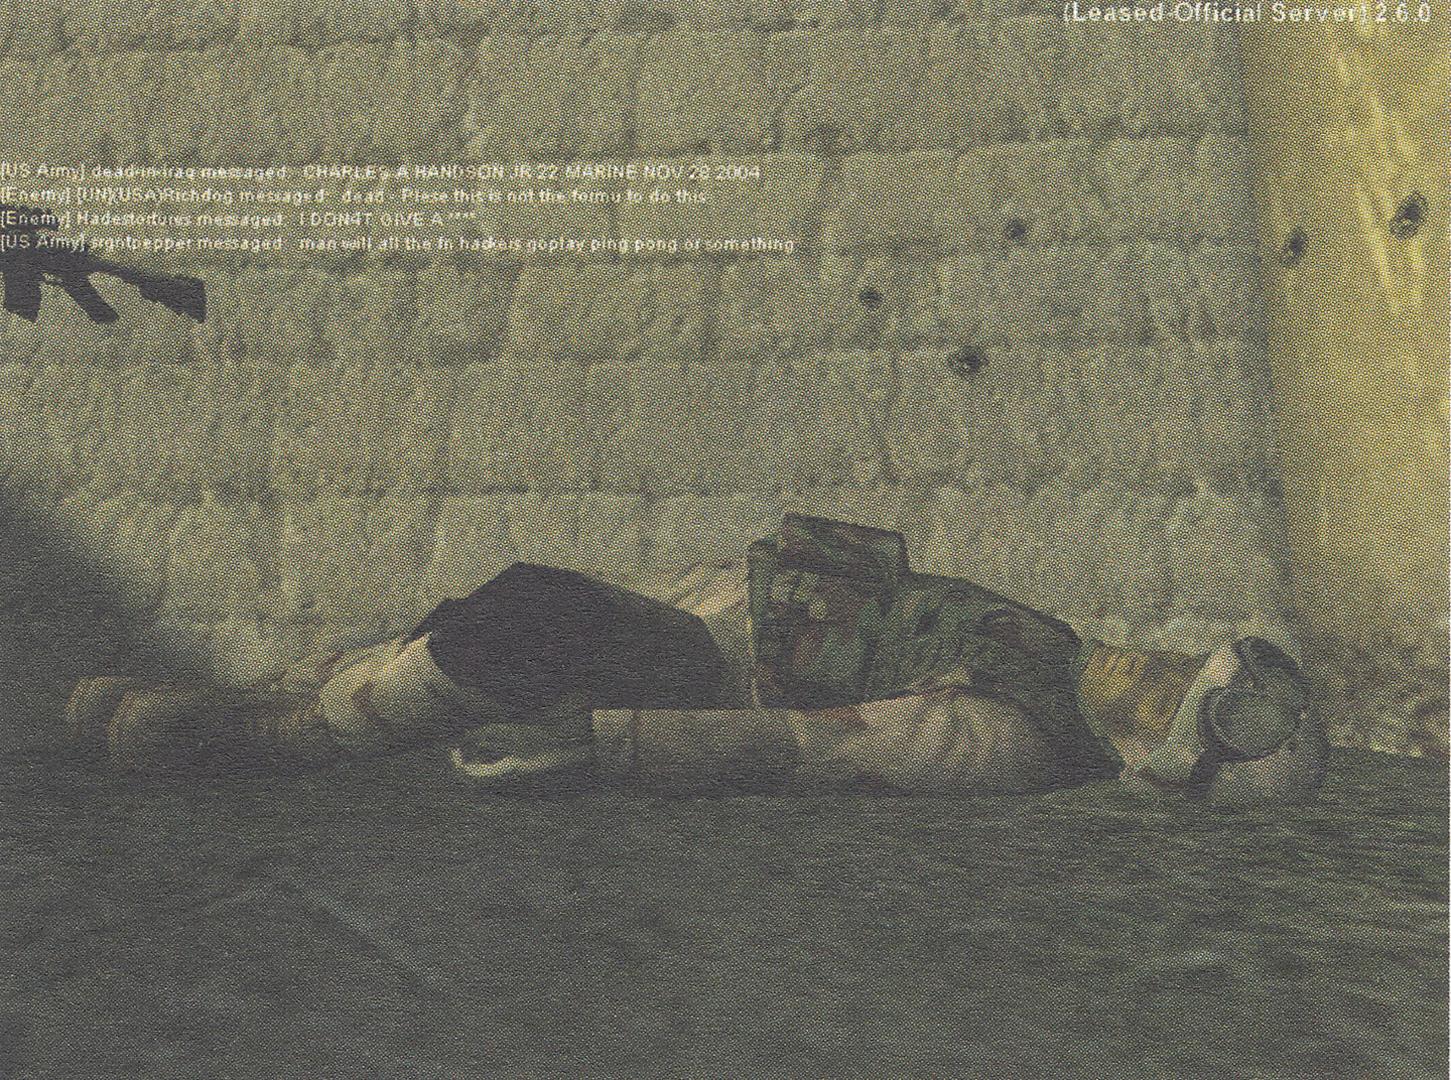 ©, Joseph DeLappe, dead-in-iraq